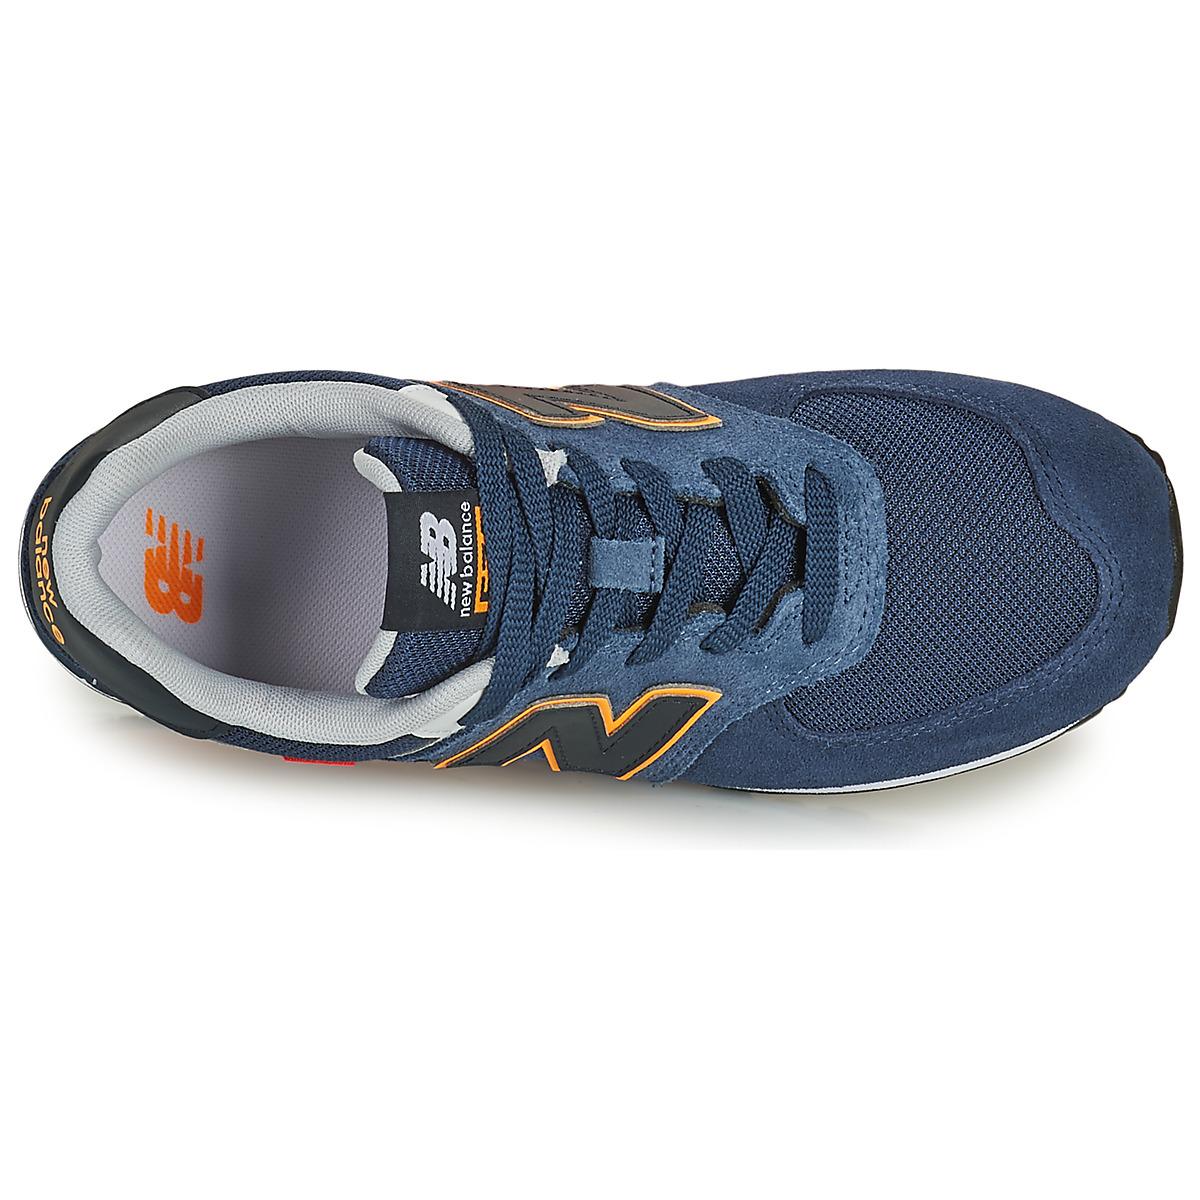 Sneakers Scarpe bambino ragazzo New Balance 574 Blu